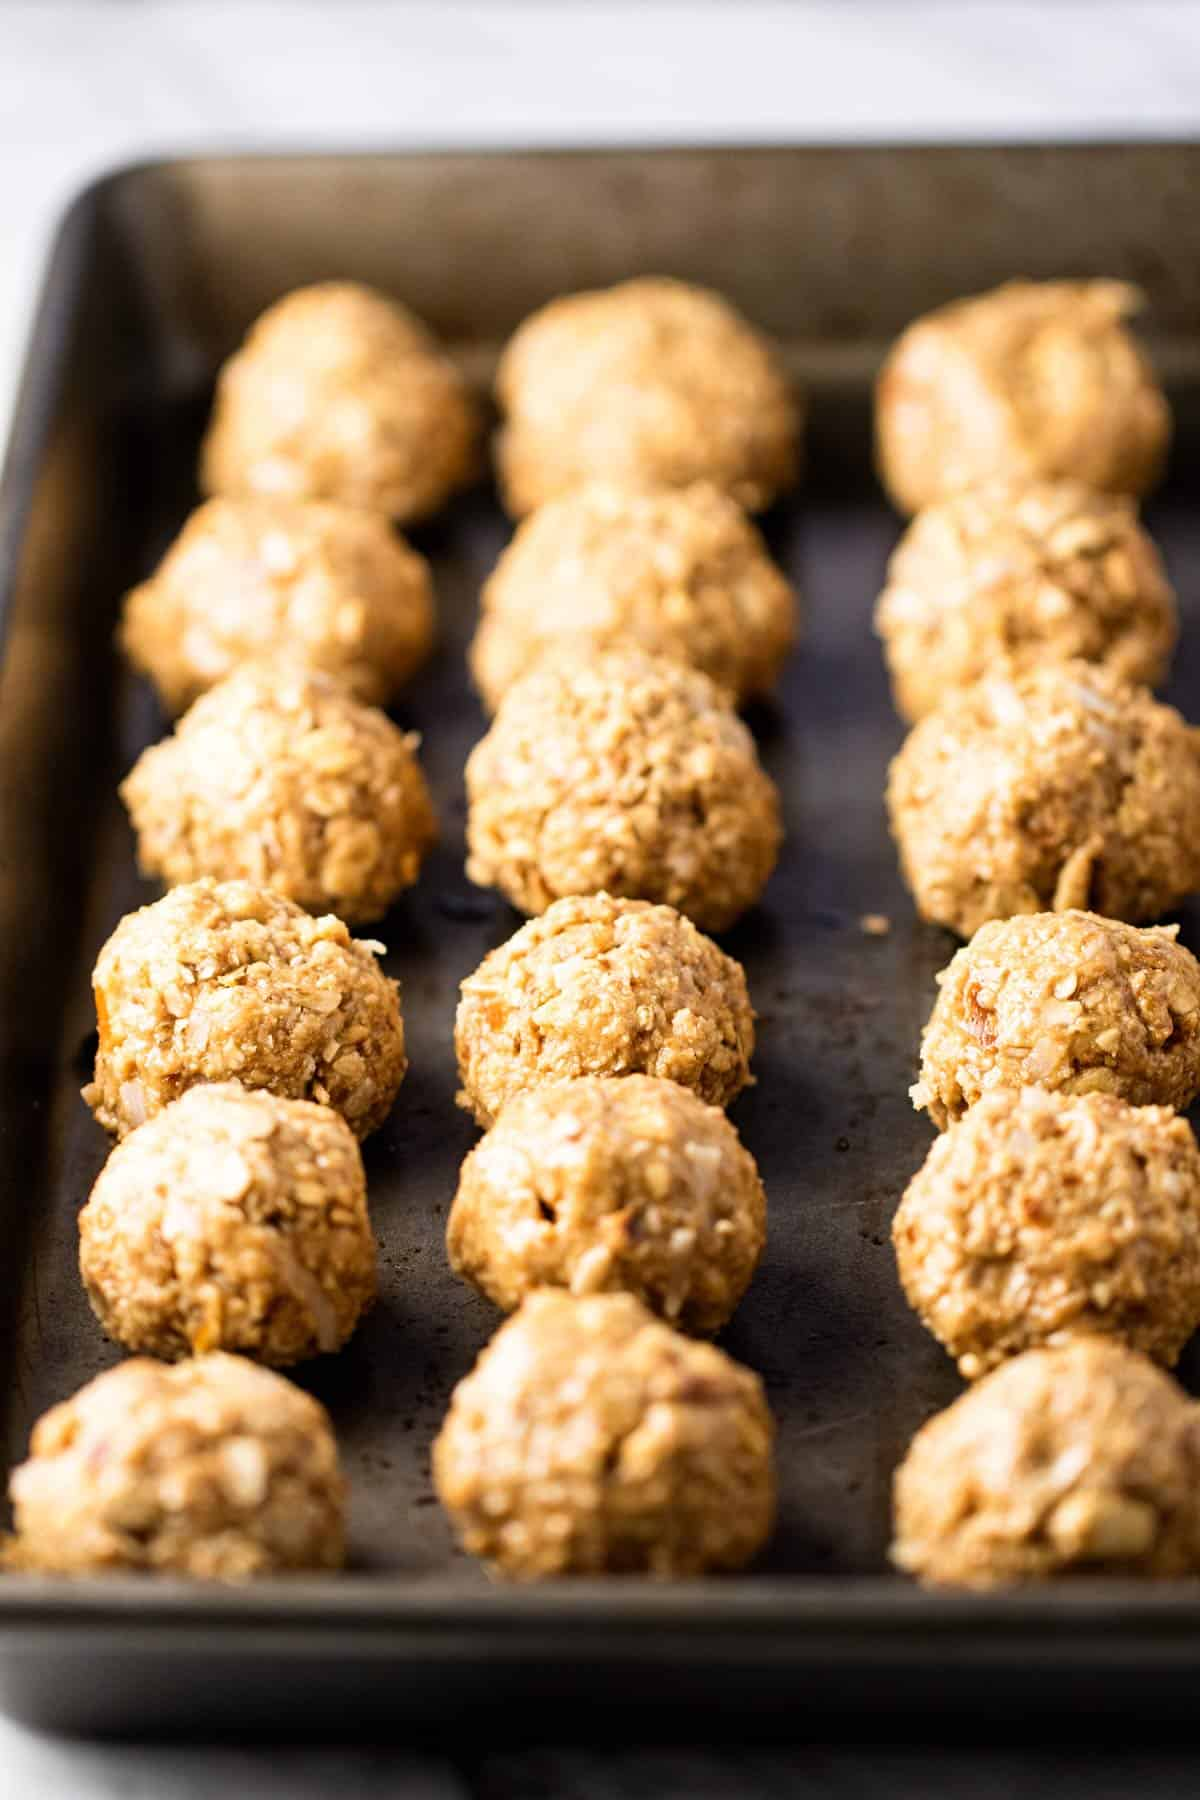 oatmeal balls on a baking sheet.